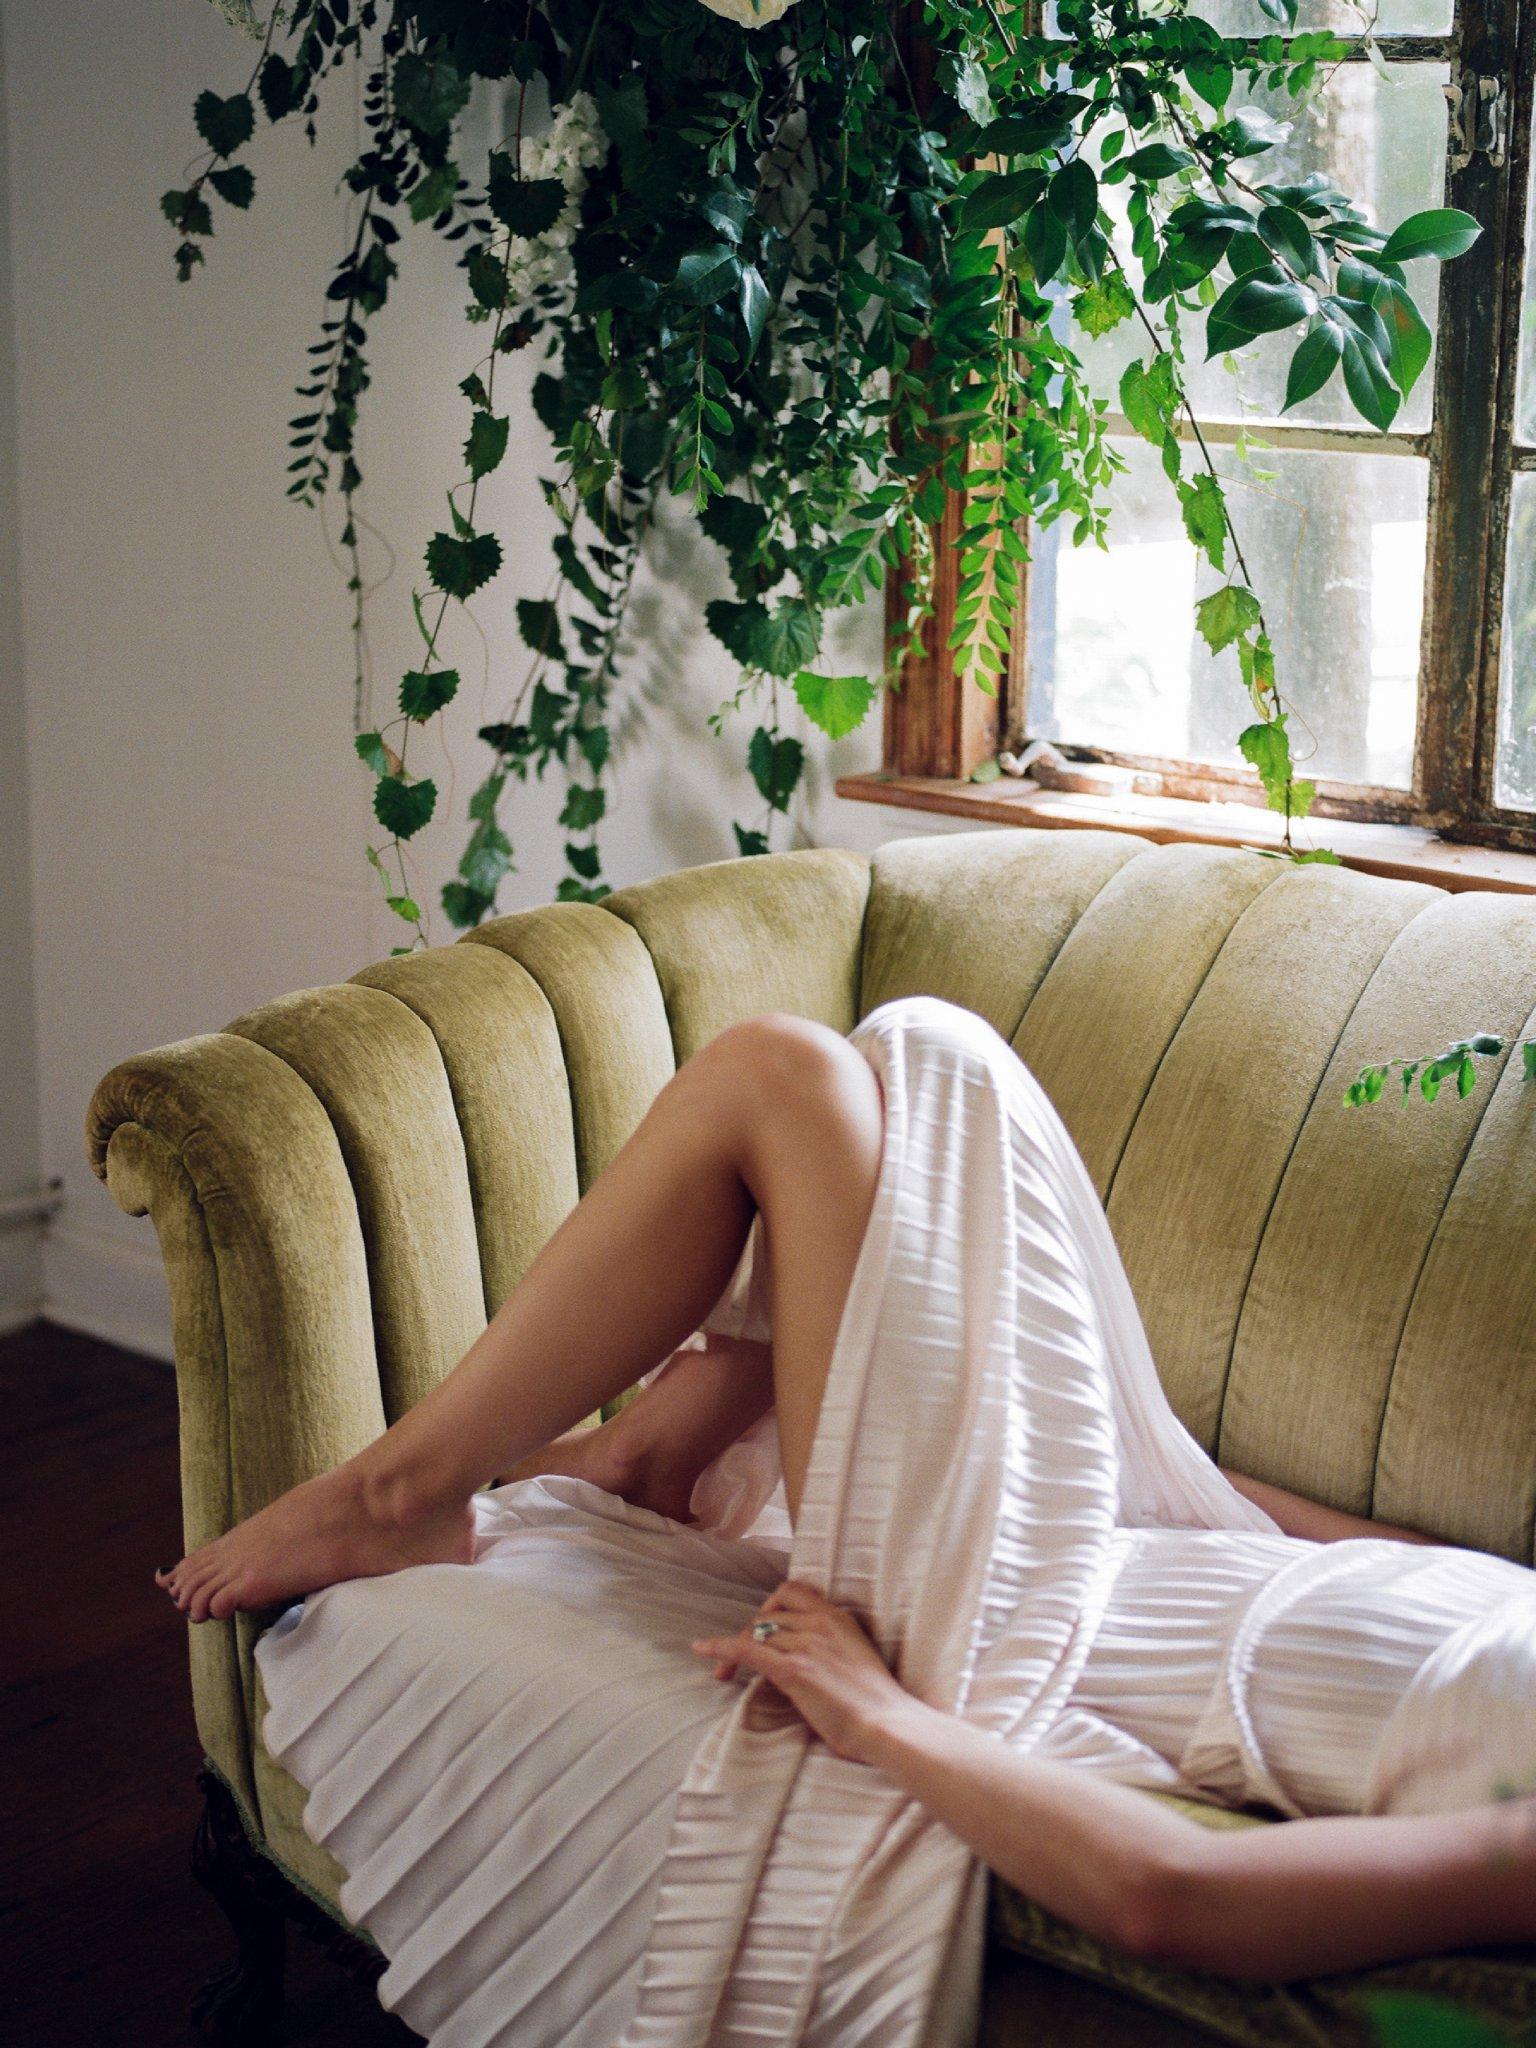 west palm beach boudoir photographer shannon griffin photography_0011.jpg